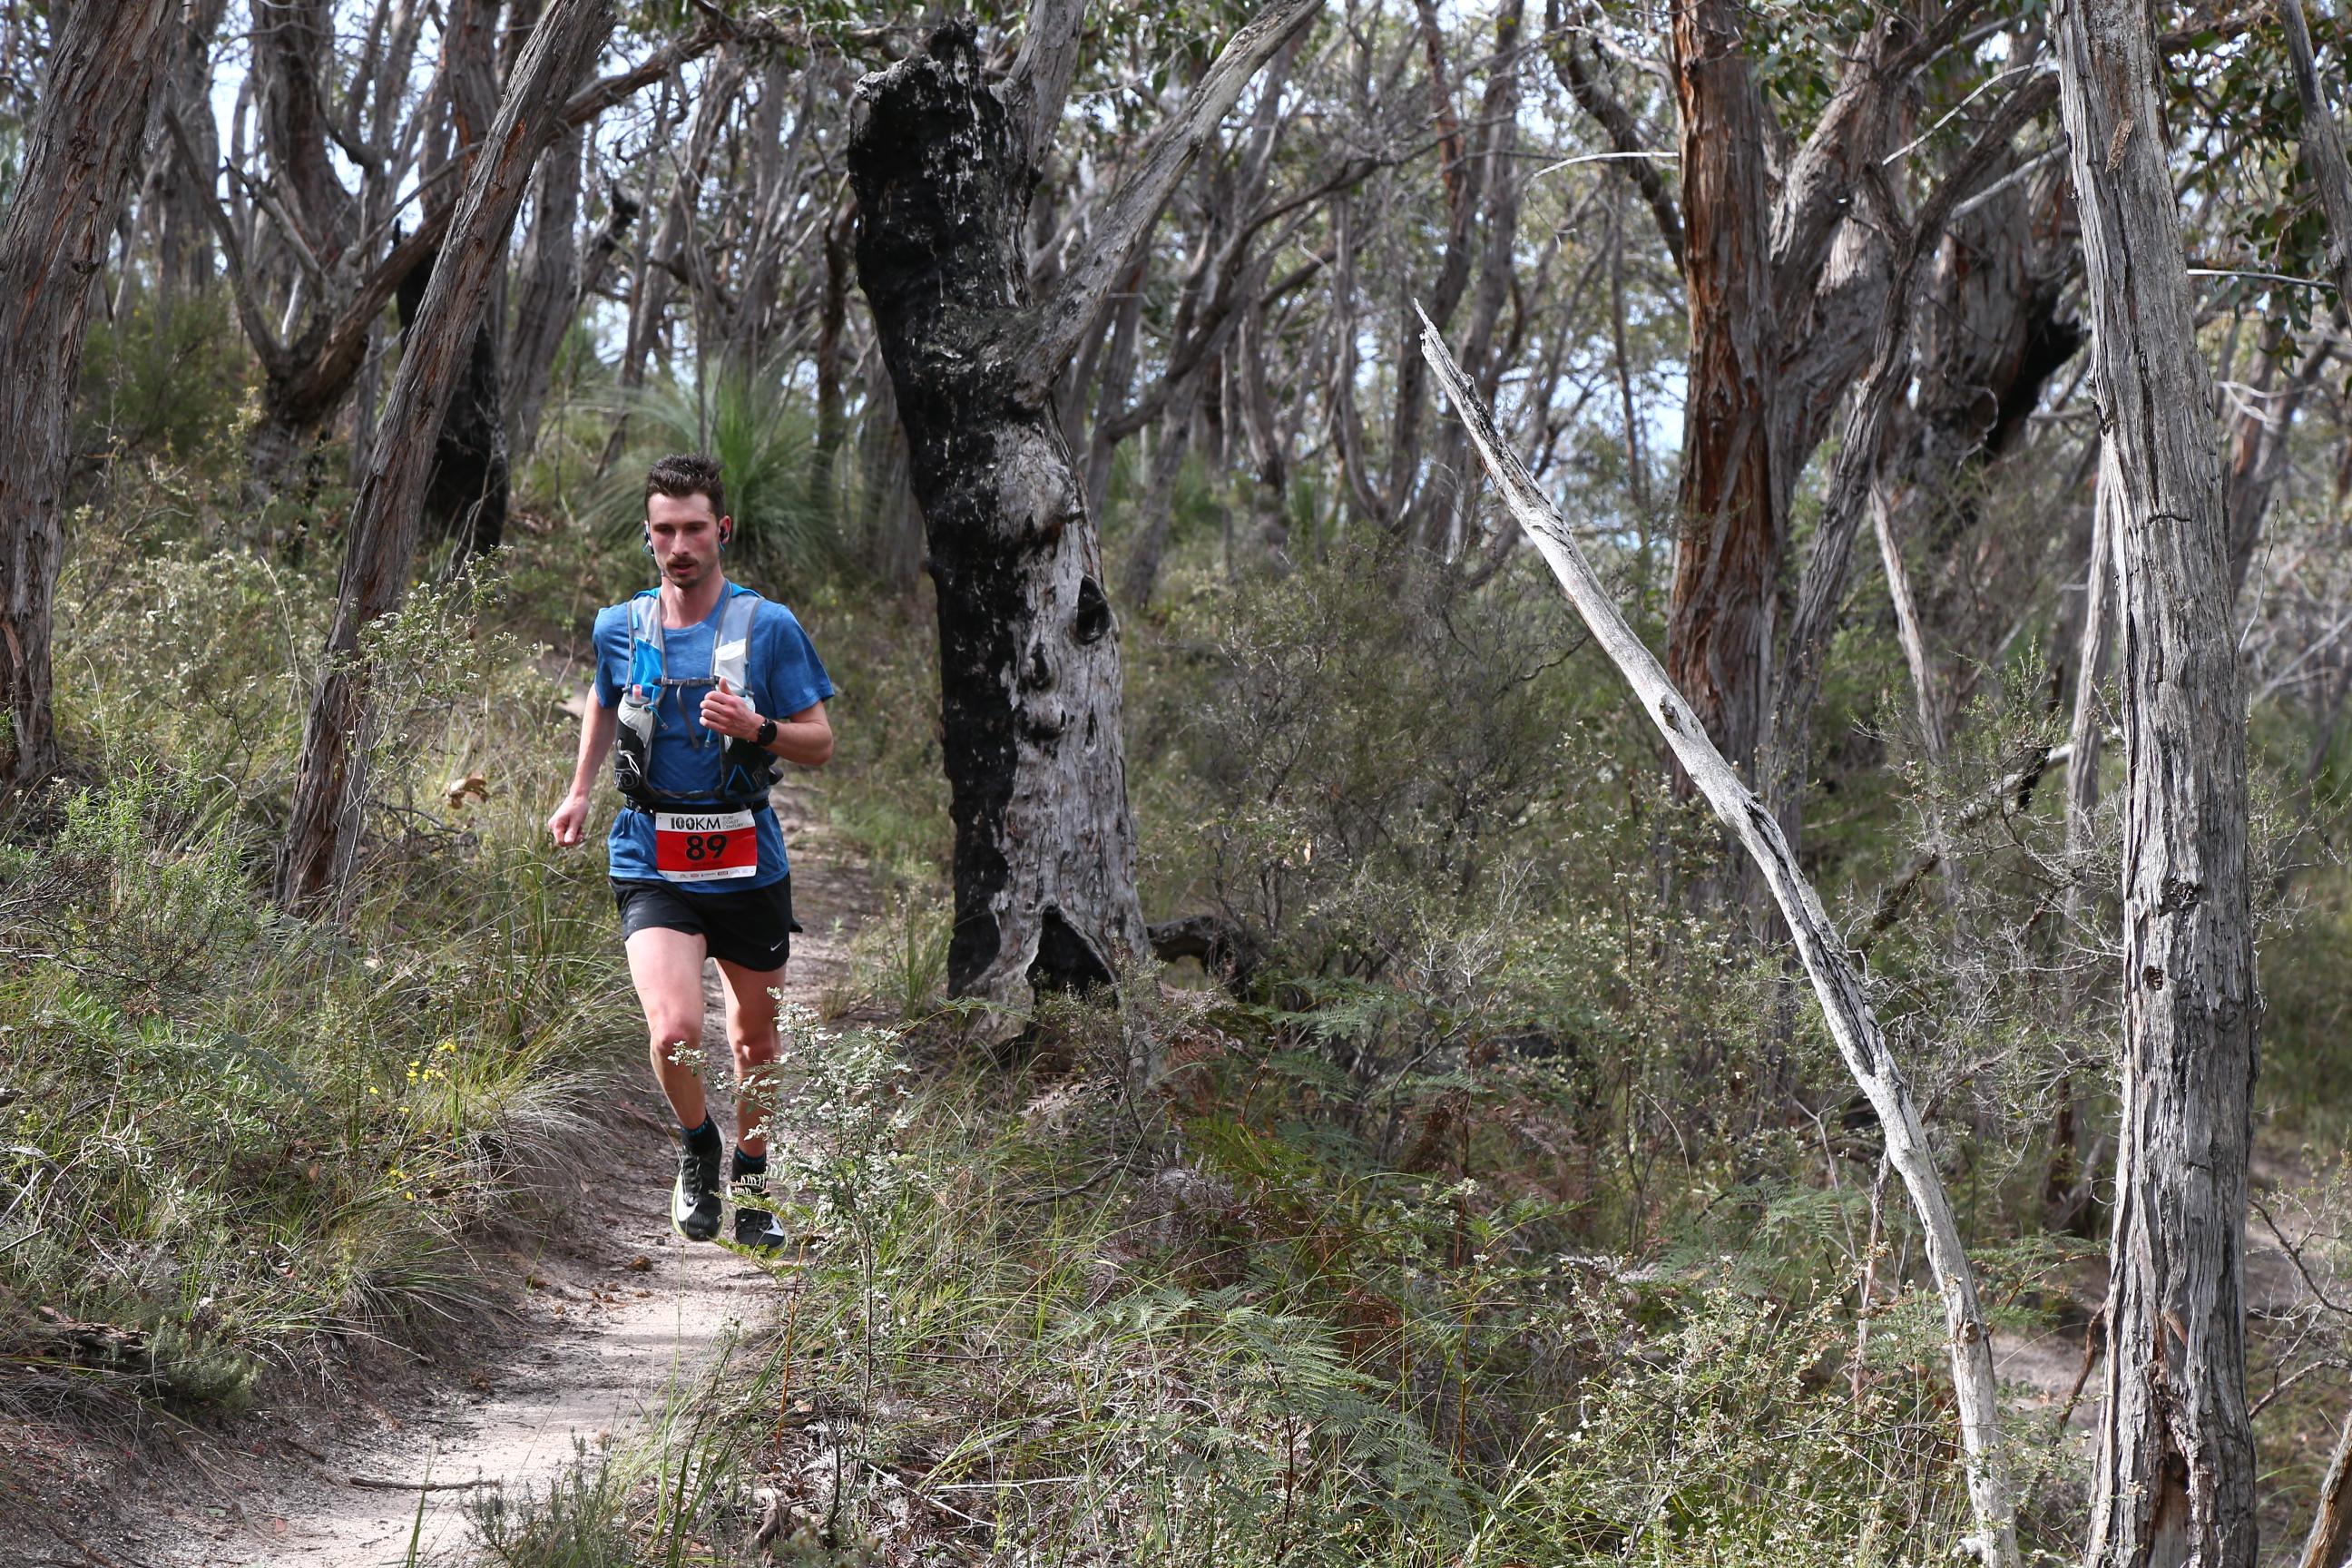 Ash Watson Mens 100km winner